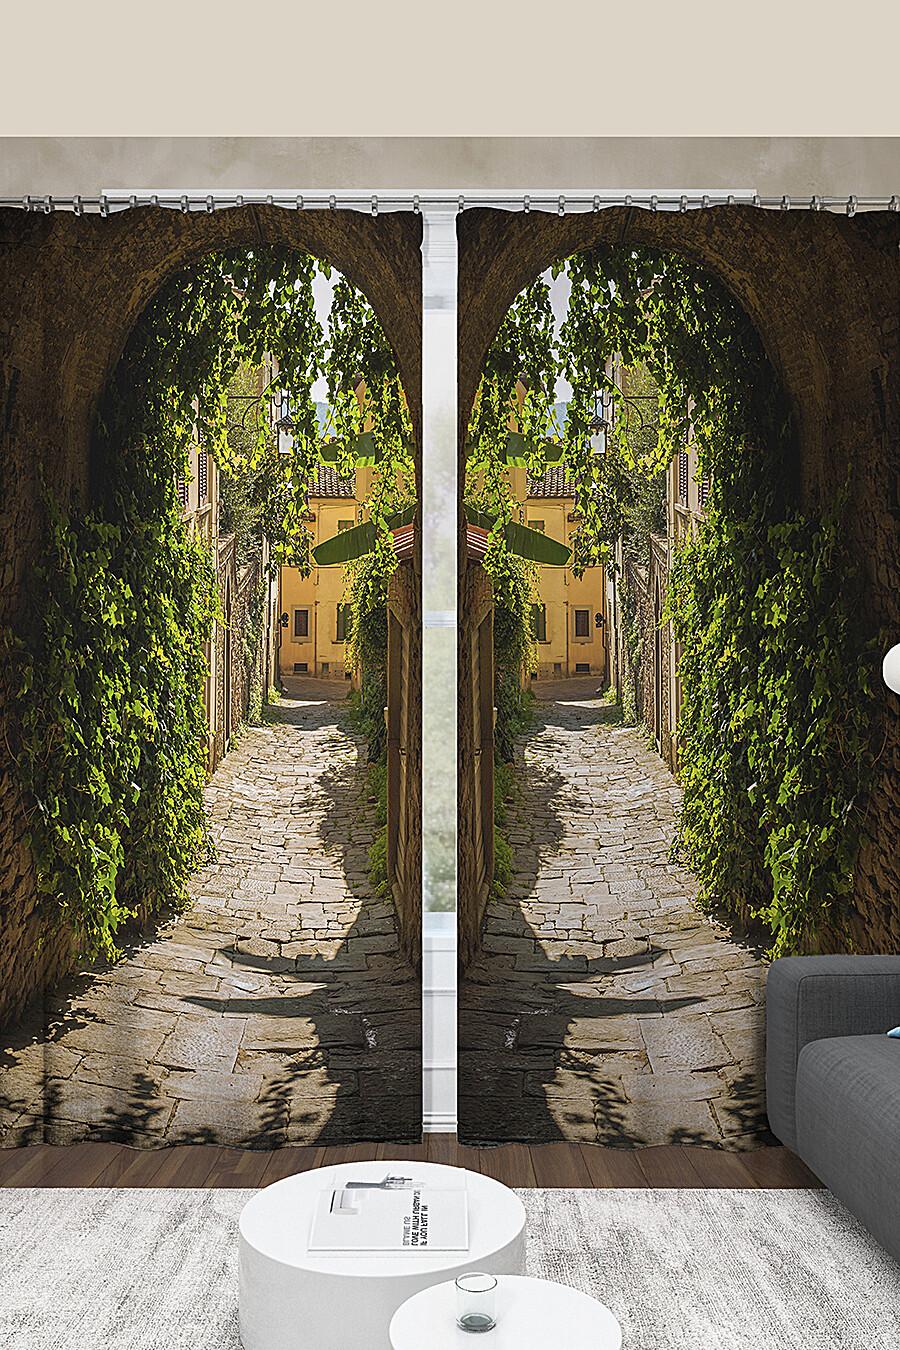 Фотошторы для дома ART HOME TEXTILE 123568 купить оптом от производителя. Совместная покупка товаров для дома в OptMoyo